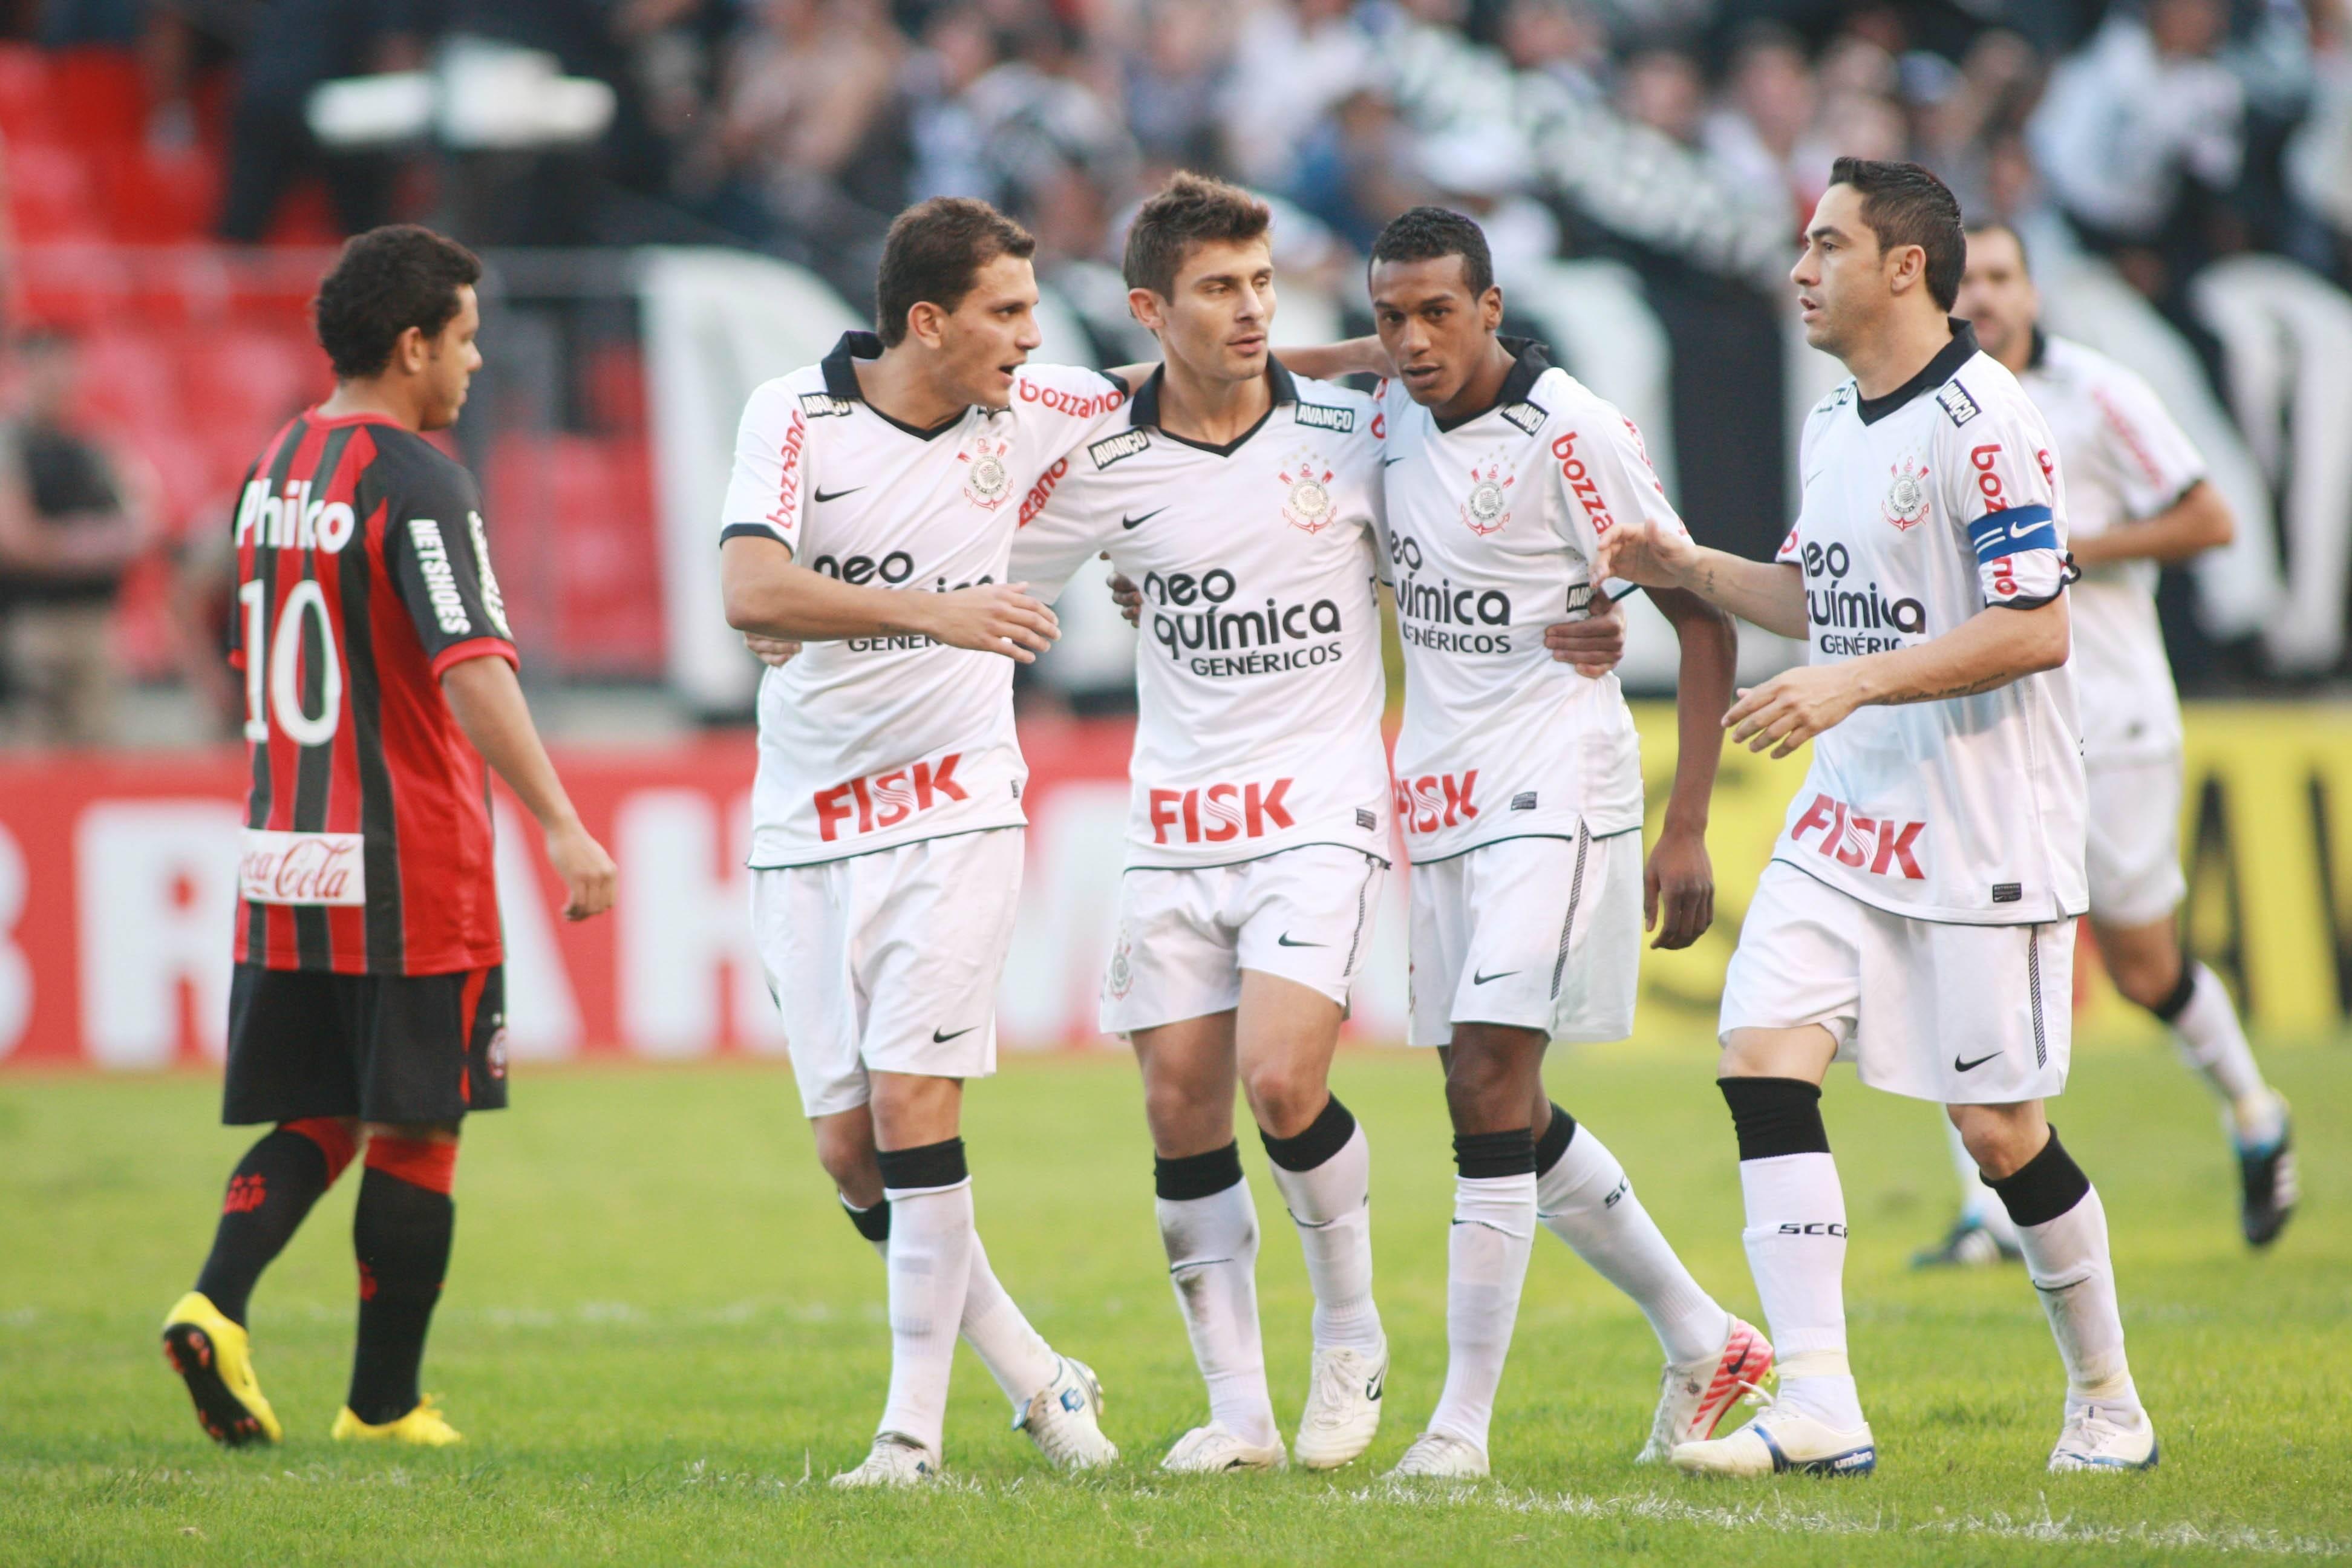 No Brasileirão de 2011, o Corinthians disparou na liderança, com nove vitórias e um empate nos primeiros dez jogos. Foto: Gazeta